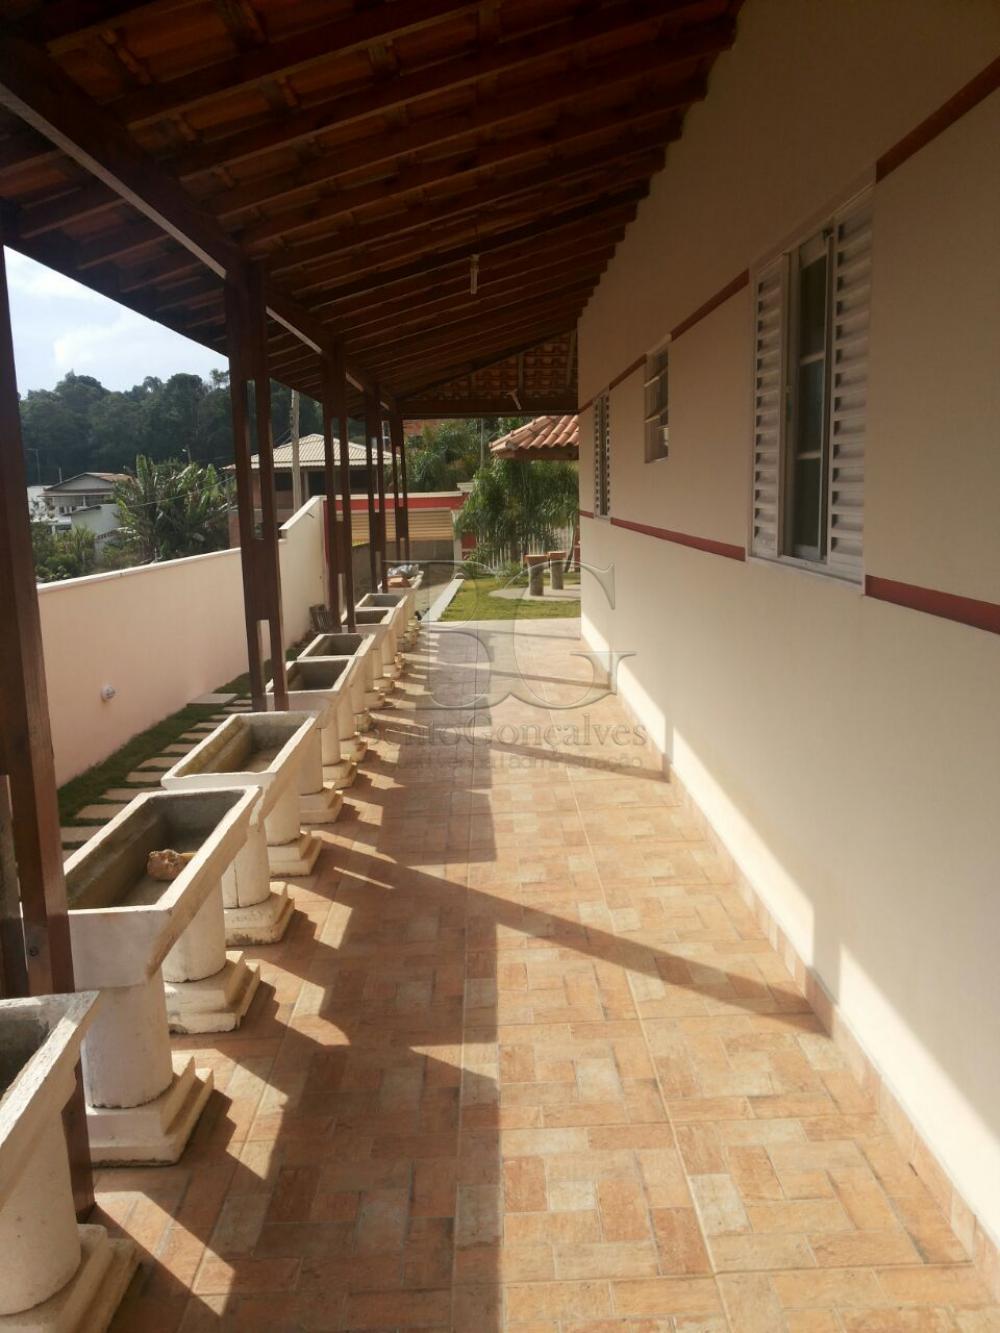 Comprar Rurais / Chácara em Laranjeiras de Caldas apenas R$ 280.000,00 - Foto 10